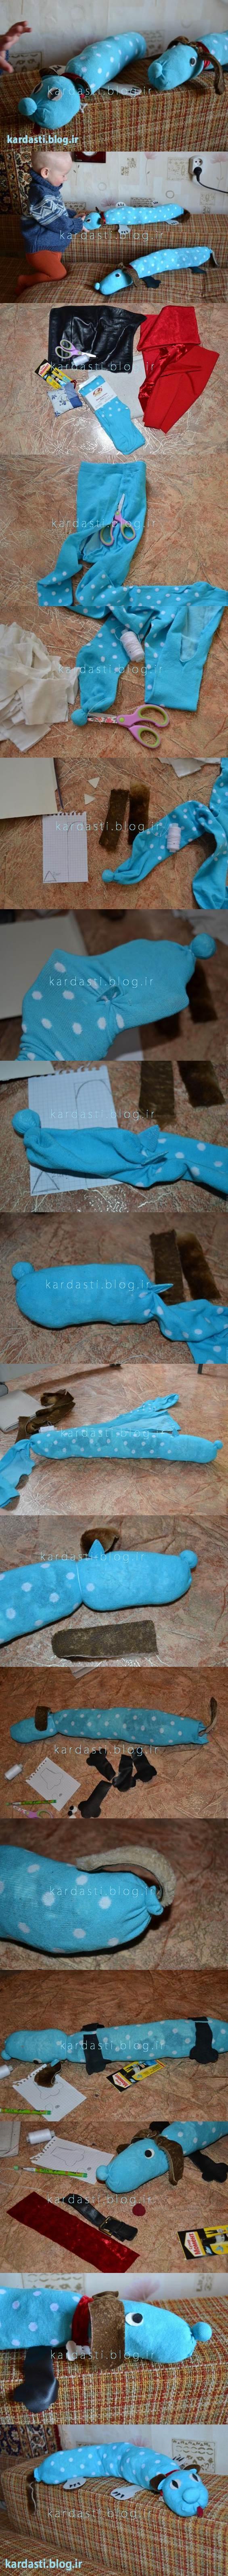 آموزش درست کردن سگ با جوراب